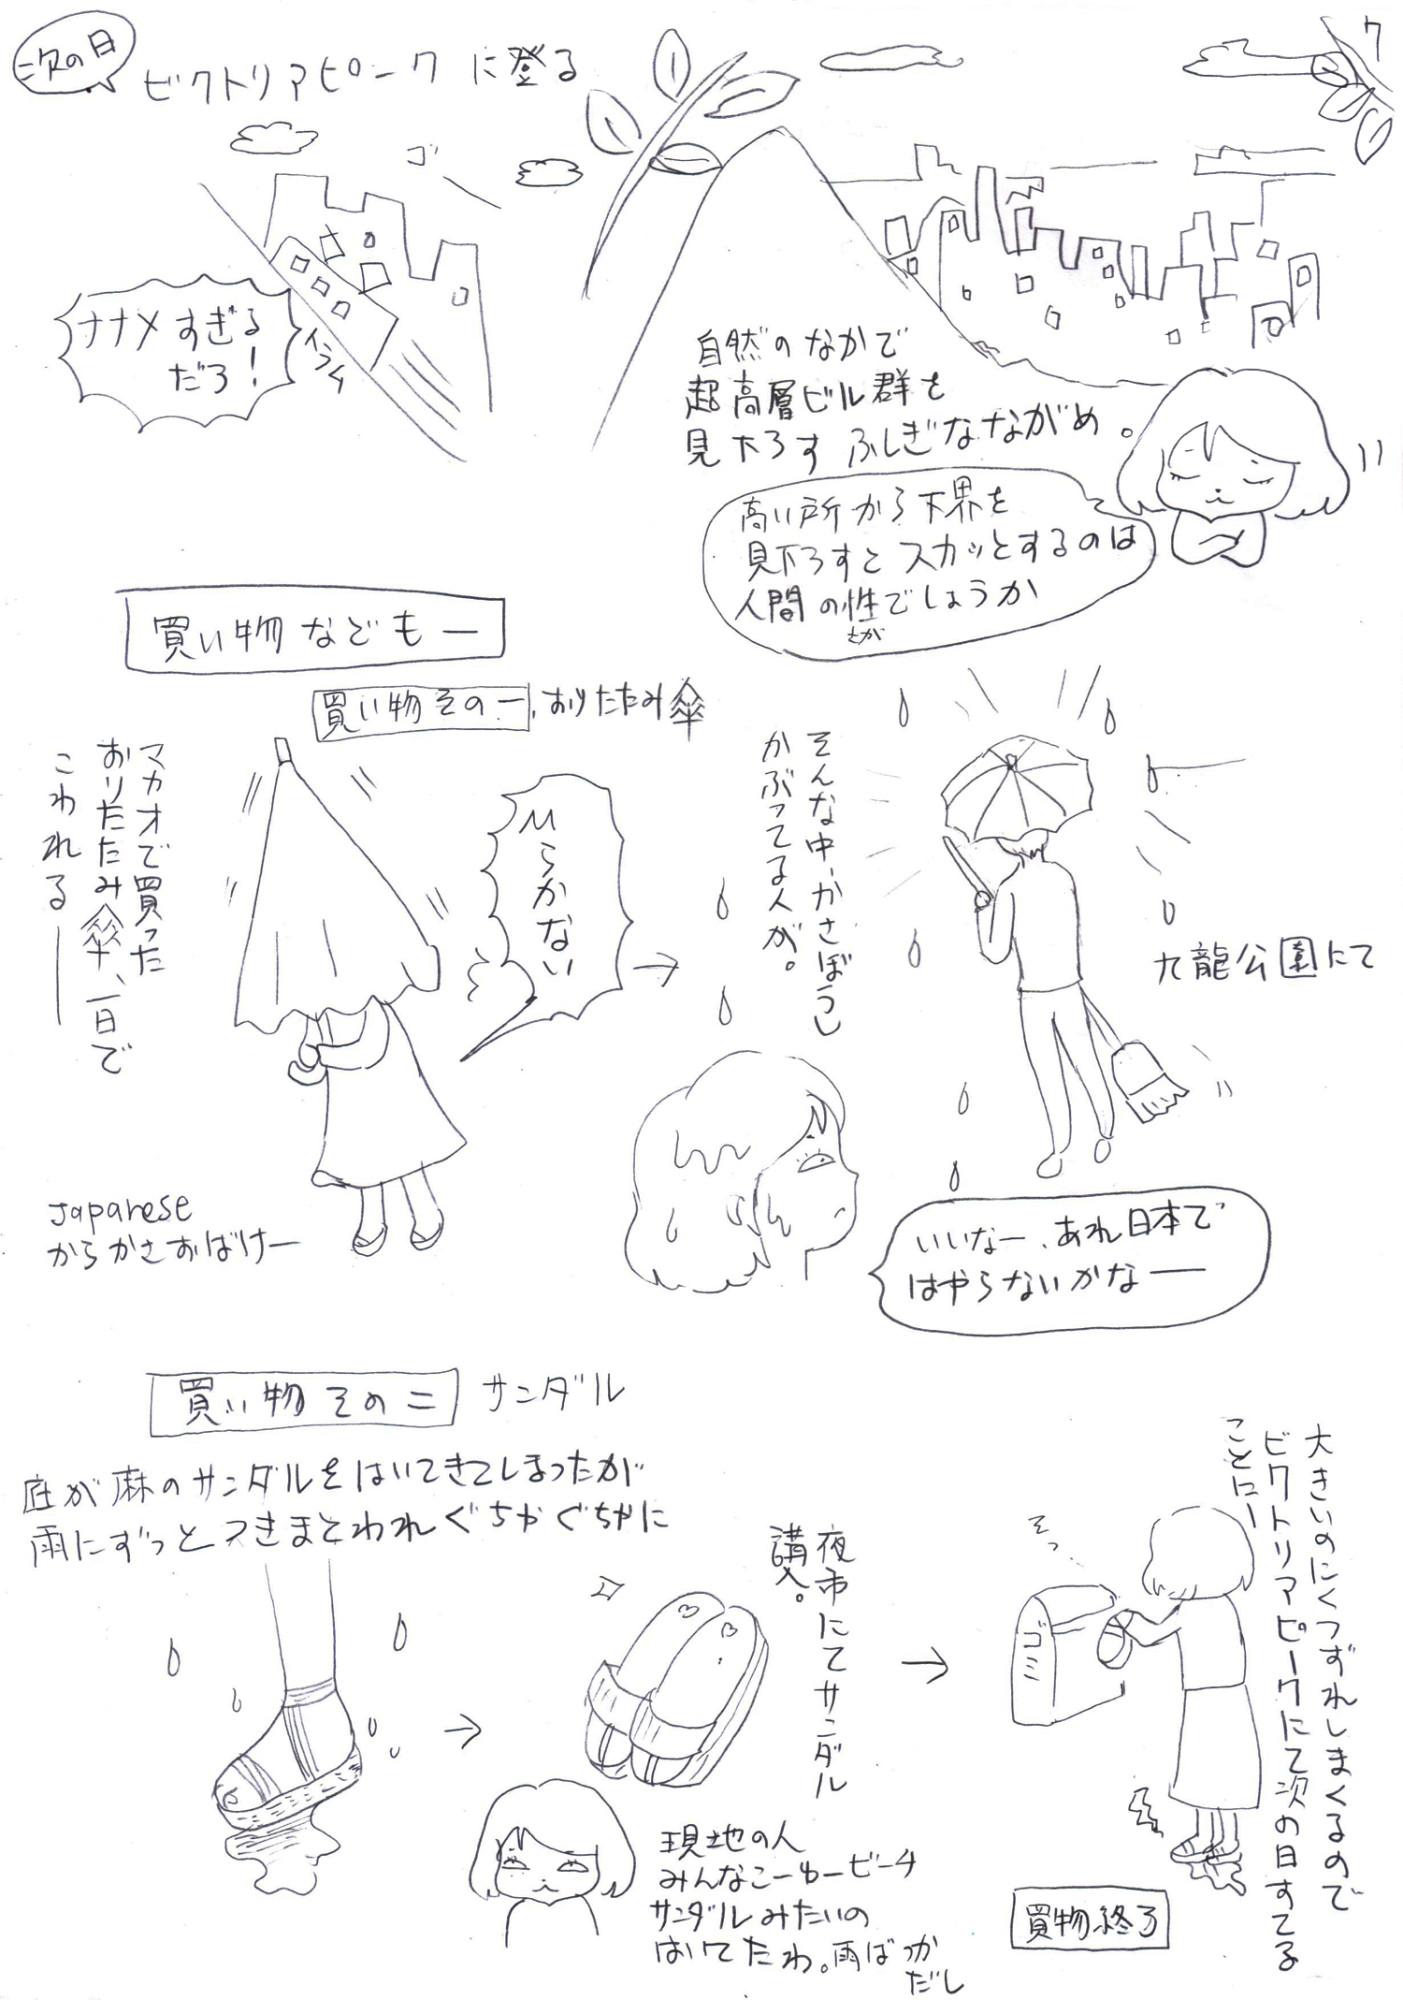 イメージ (85)